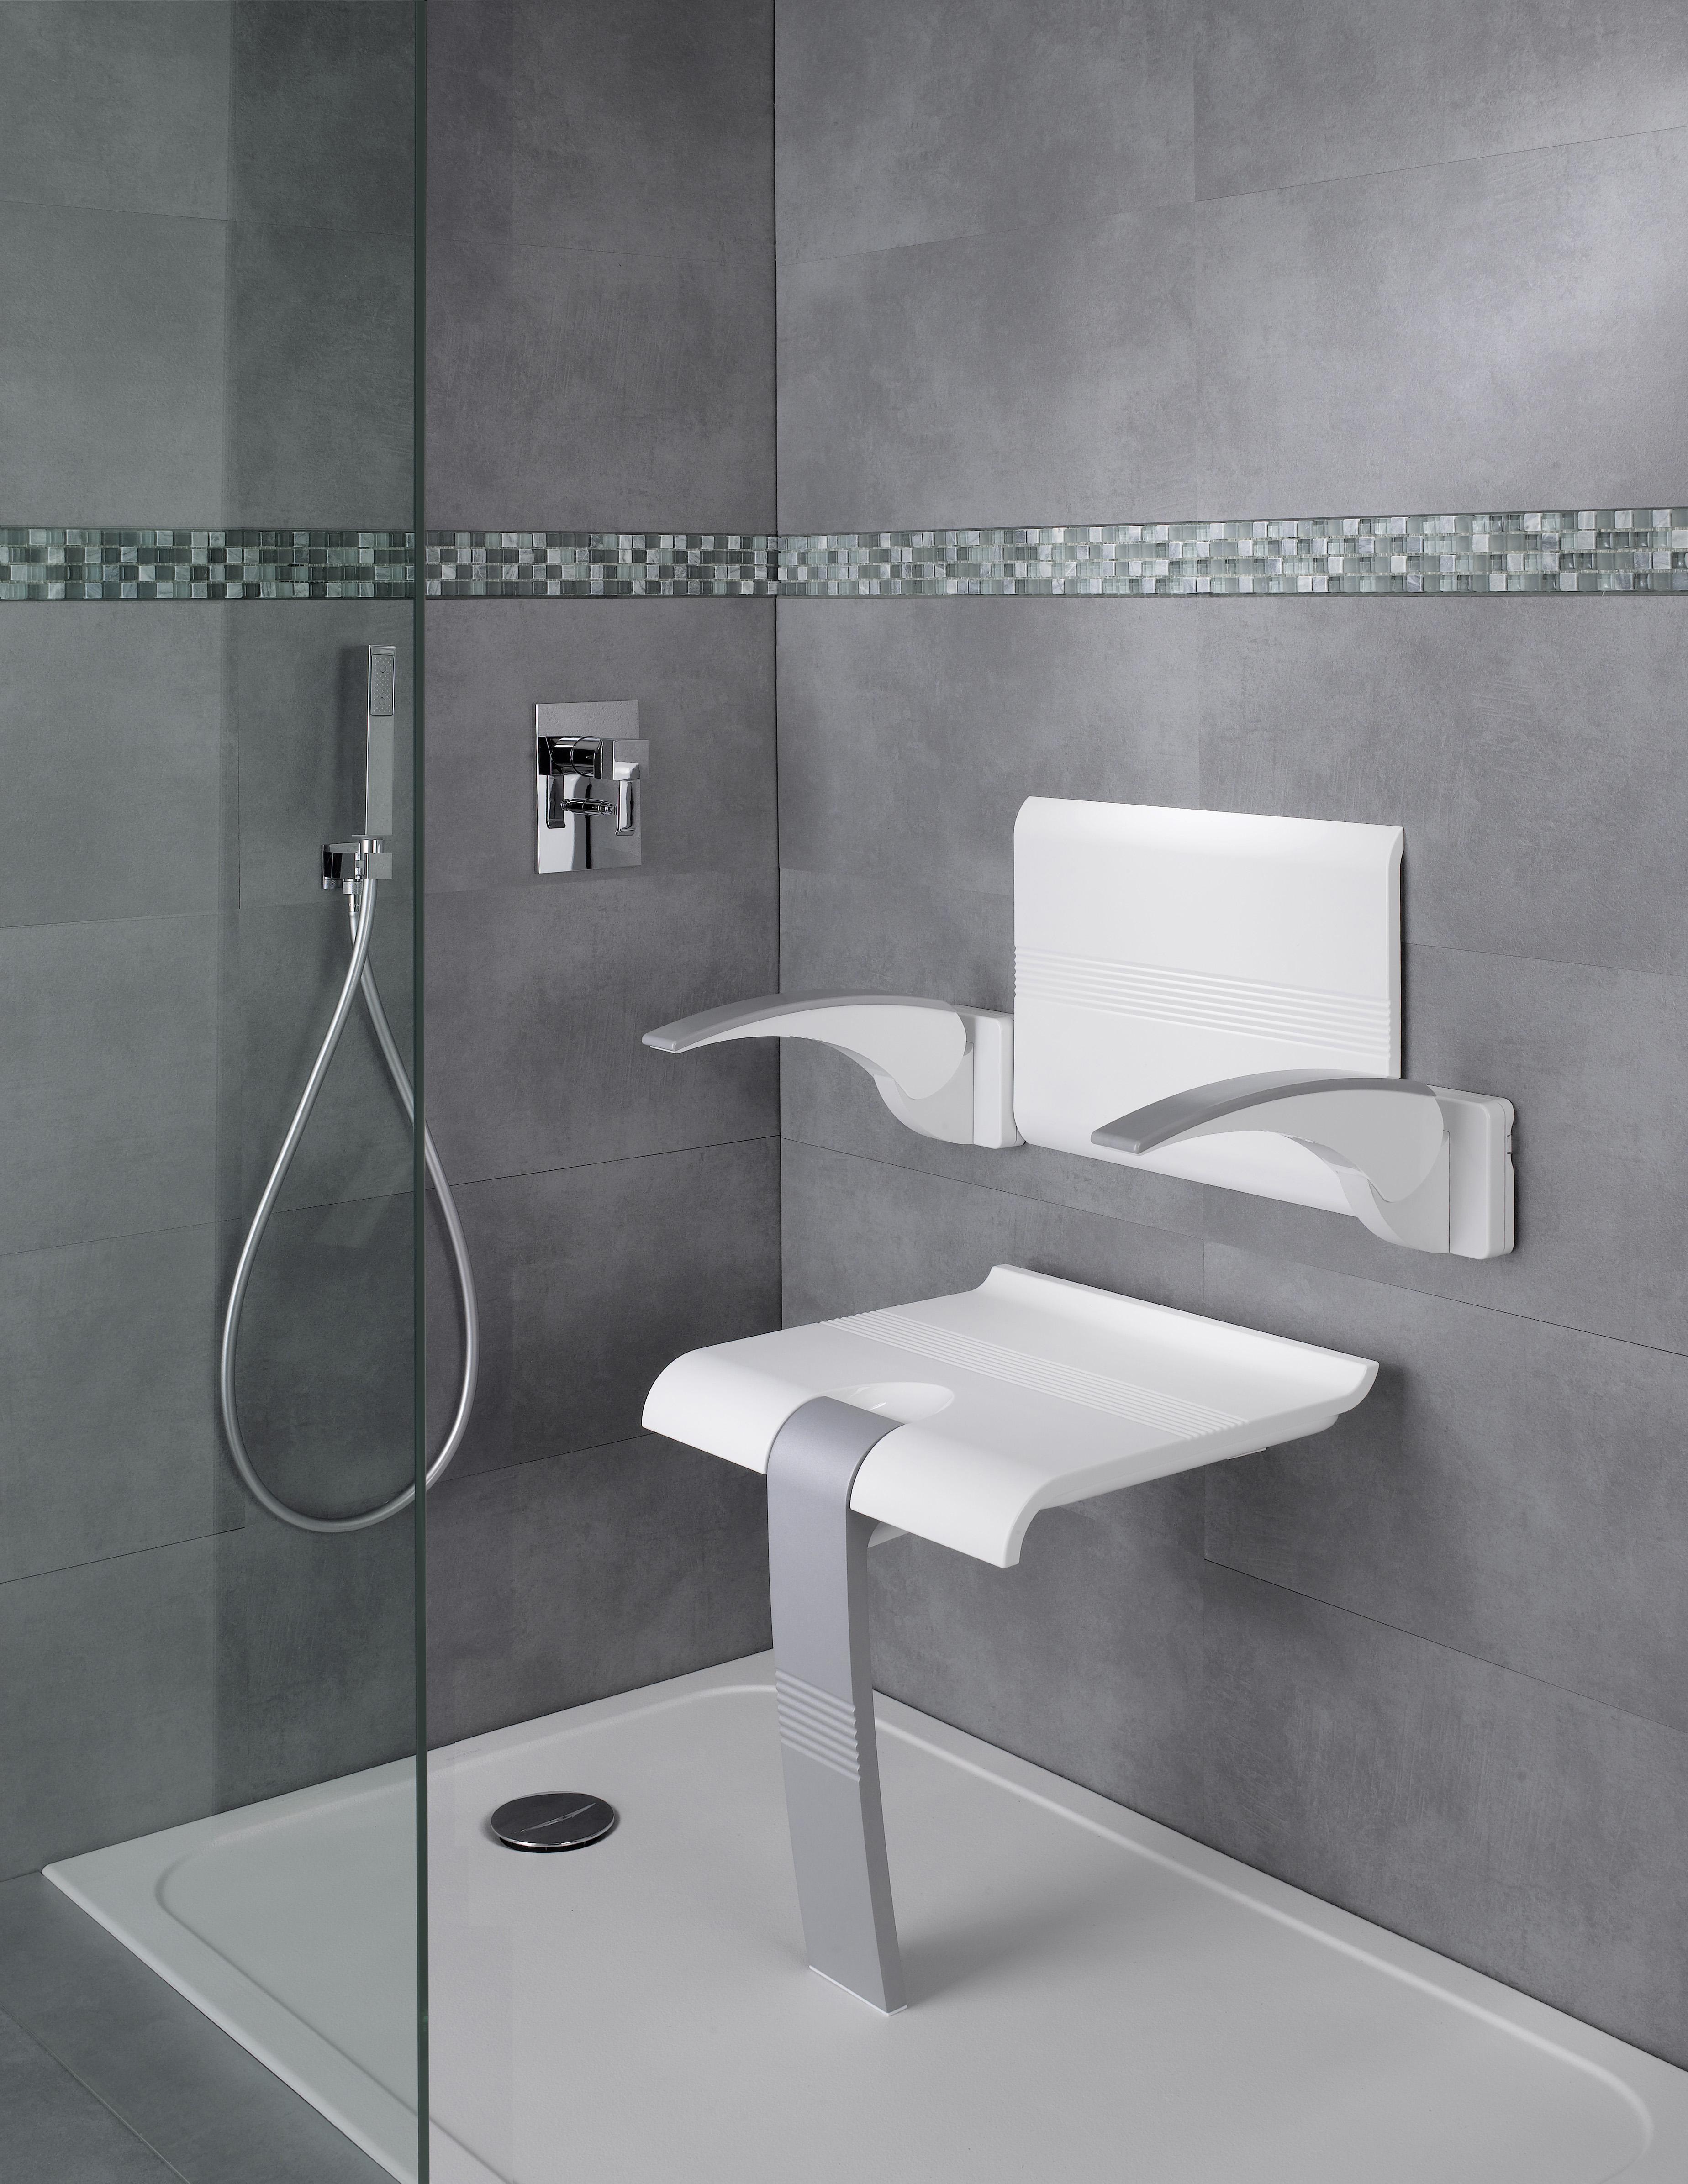 Arsis Evolution : pour une douche confortable et sûre